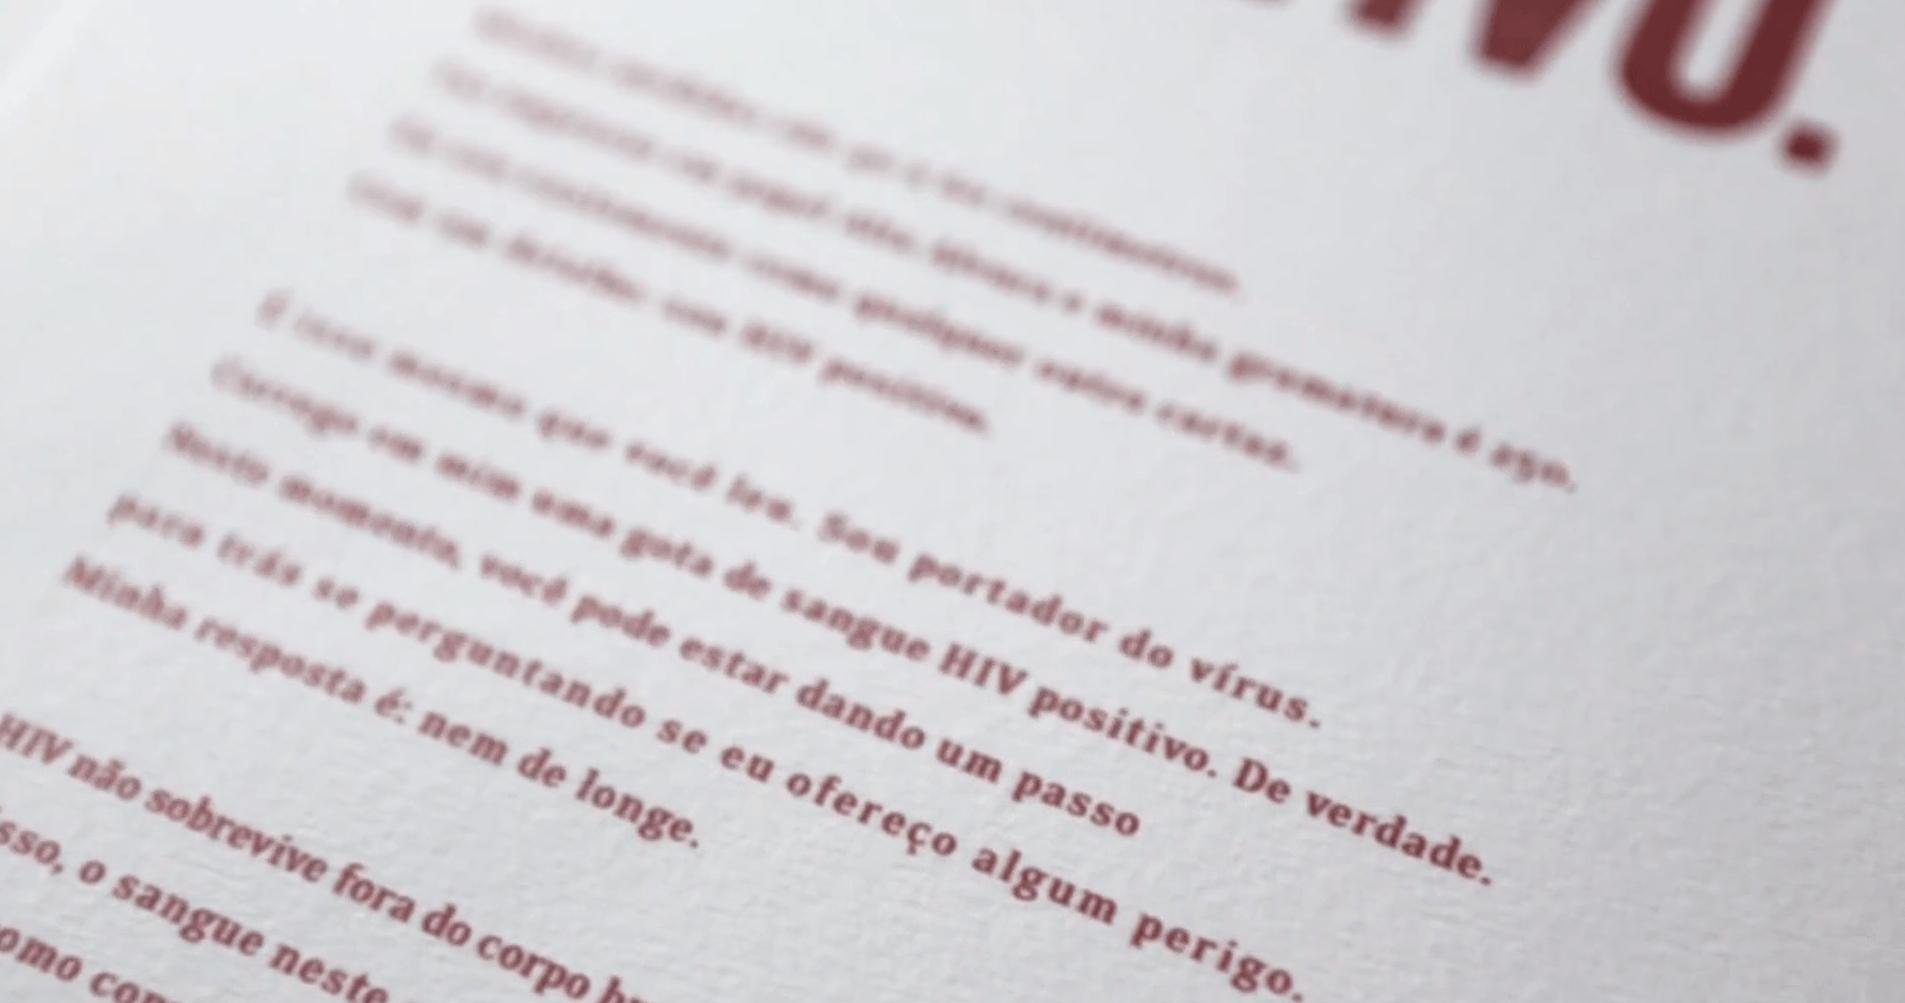 O Cartaz HIV Positivo: depoimento Victor Silba